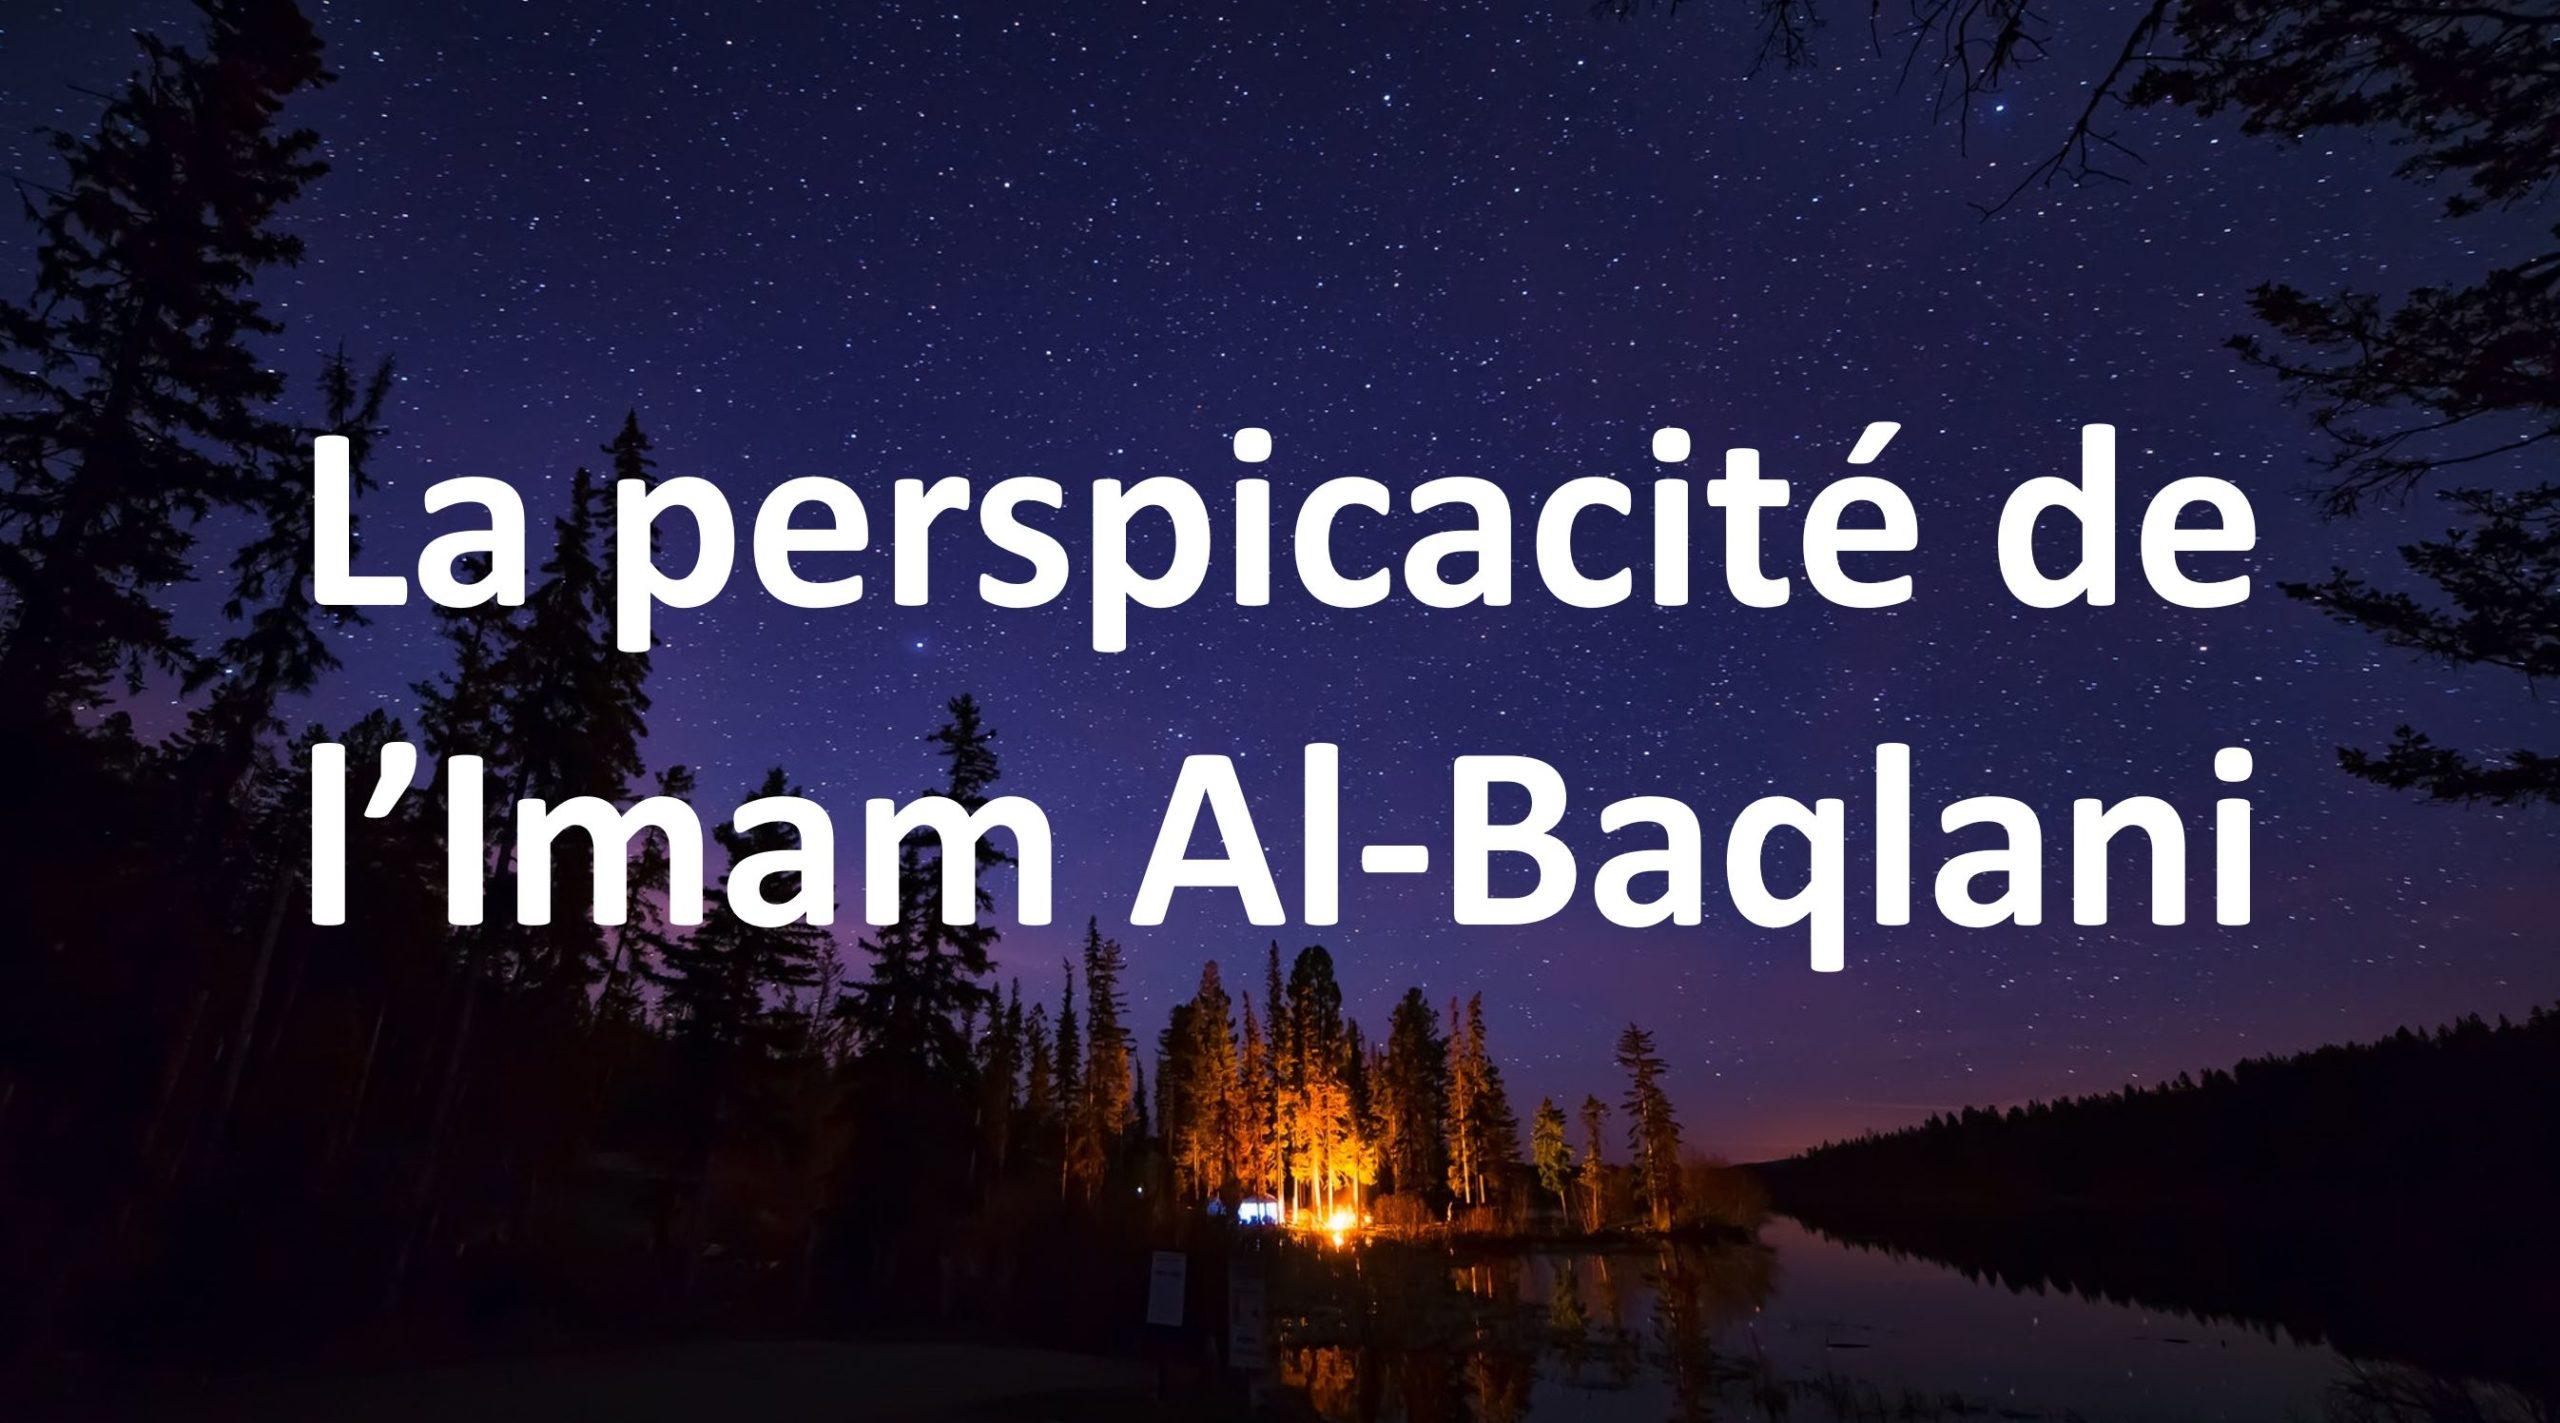 La perspicacité de l'imam Al-Balqani